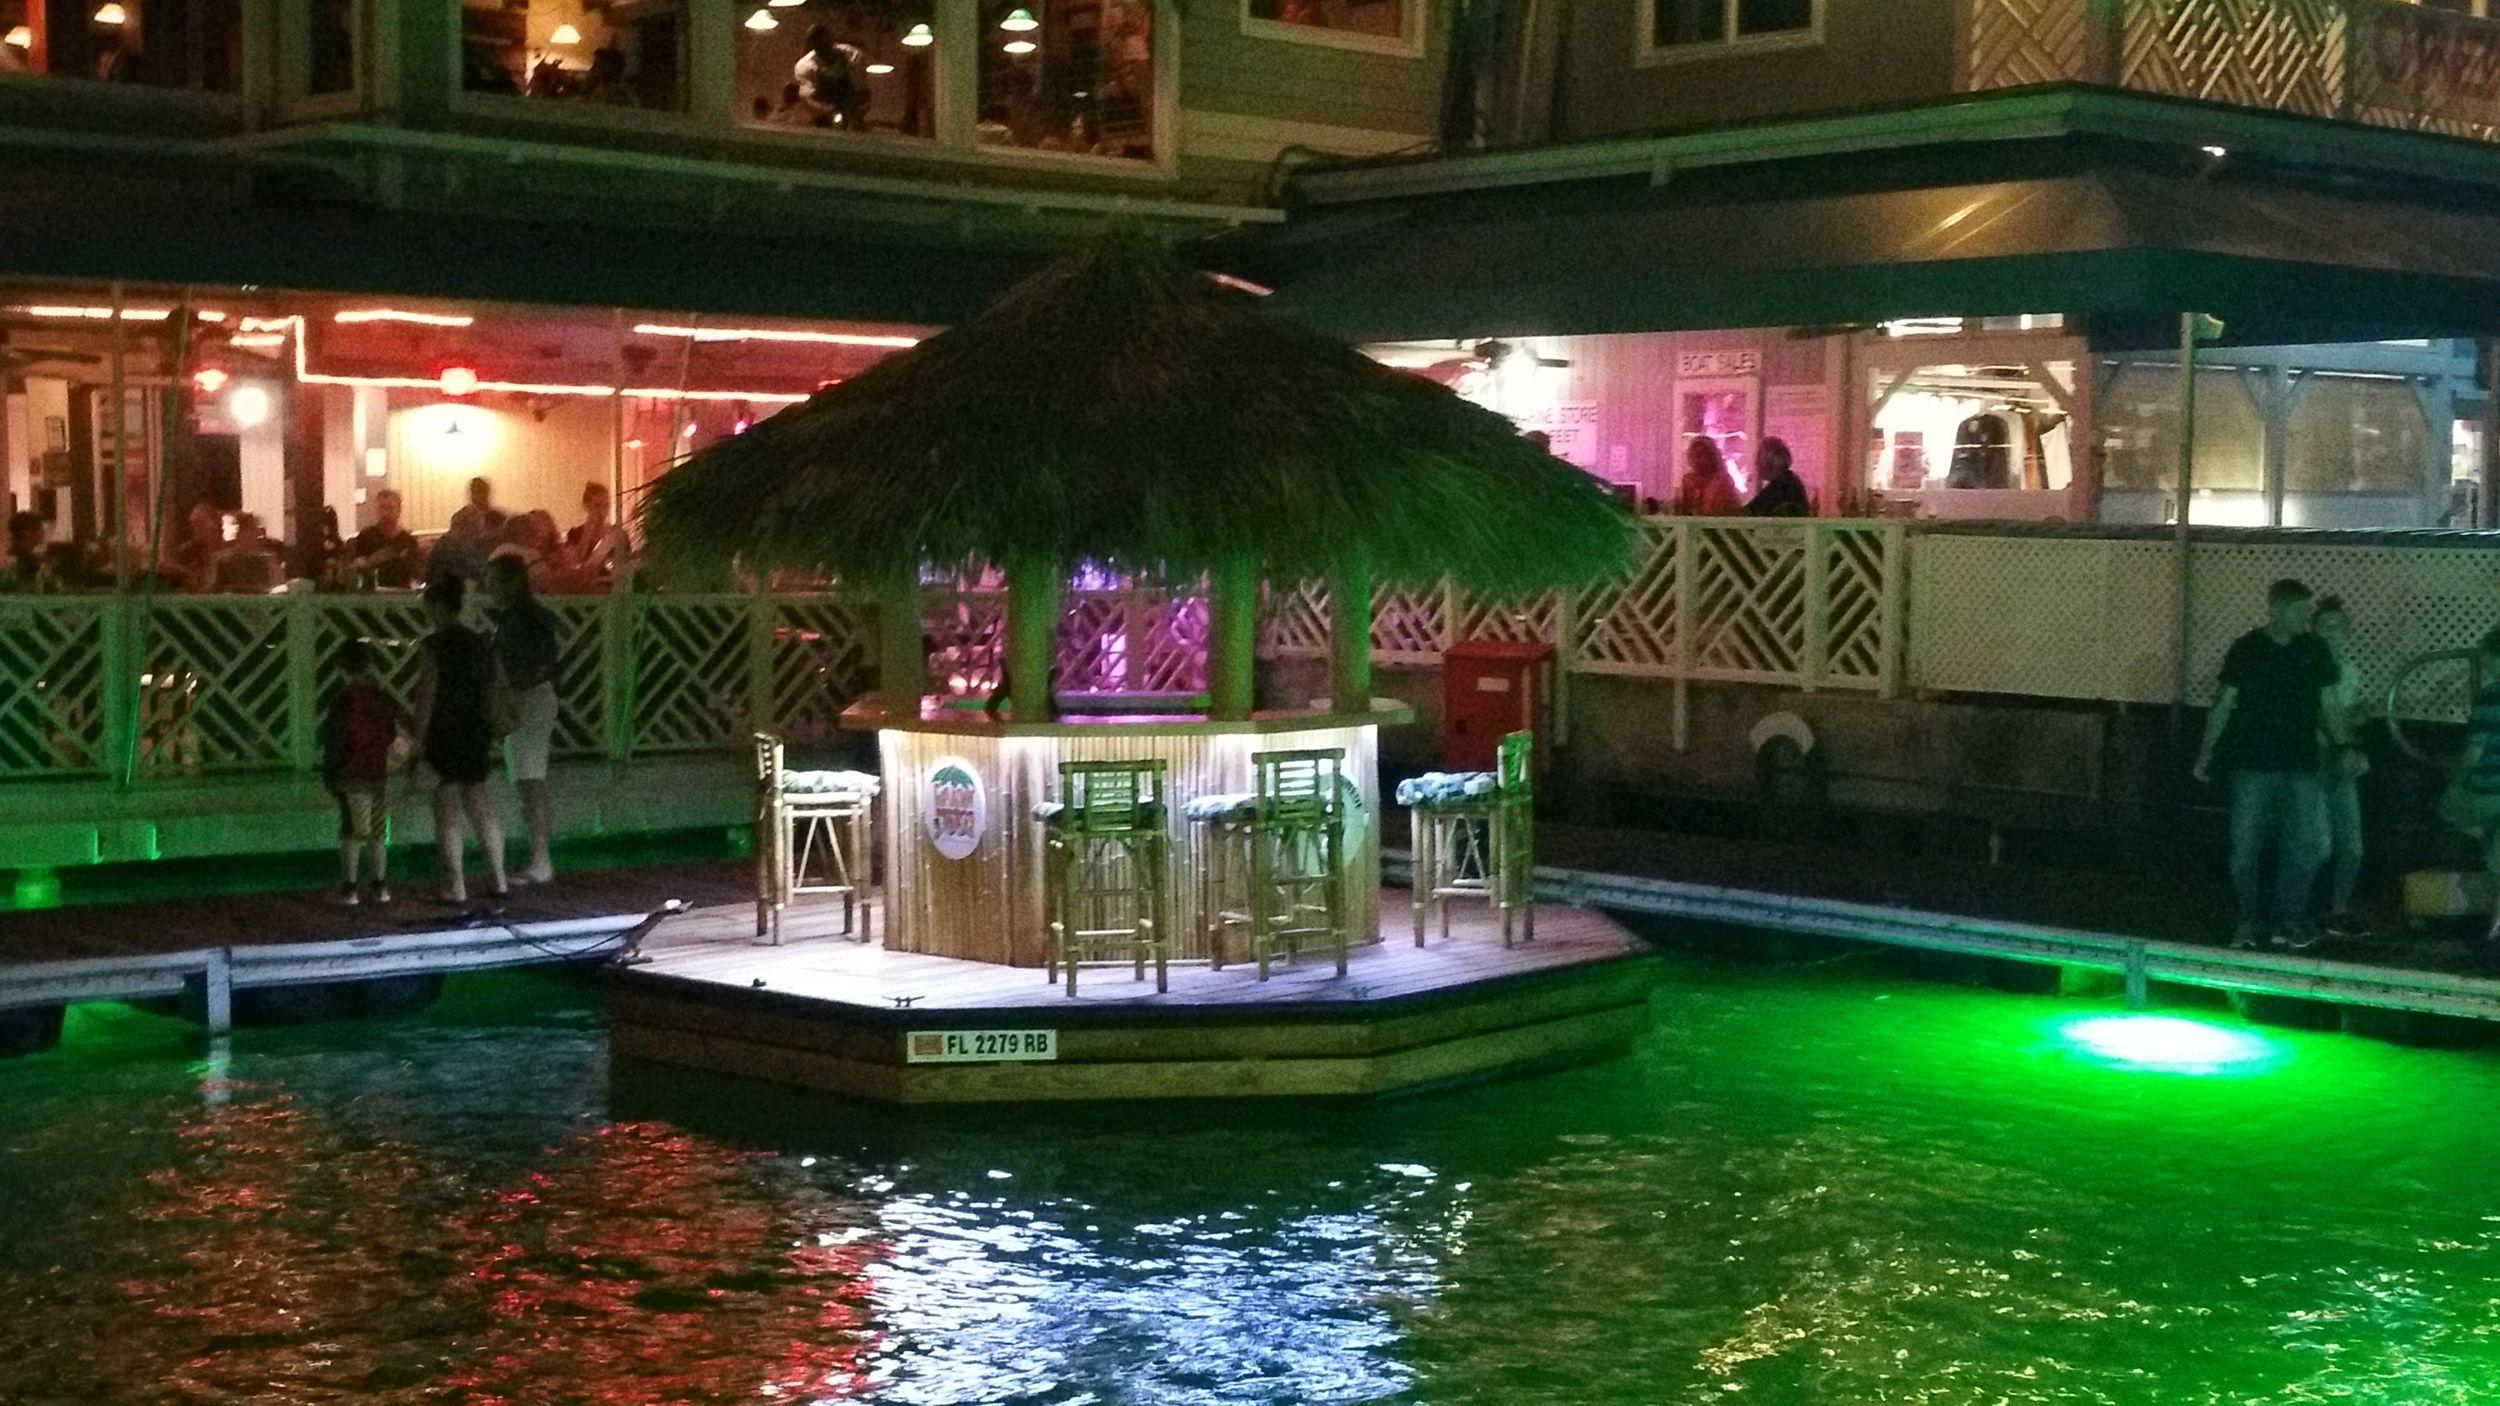 20160325_210917jpg booze cruise boat party cruise